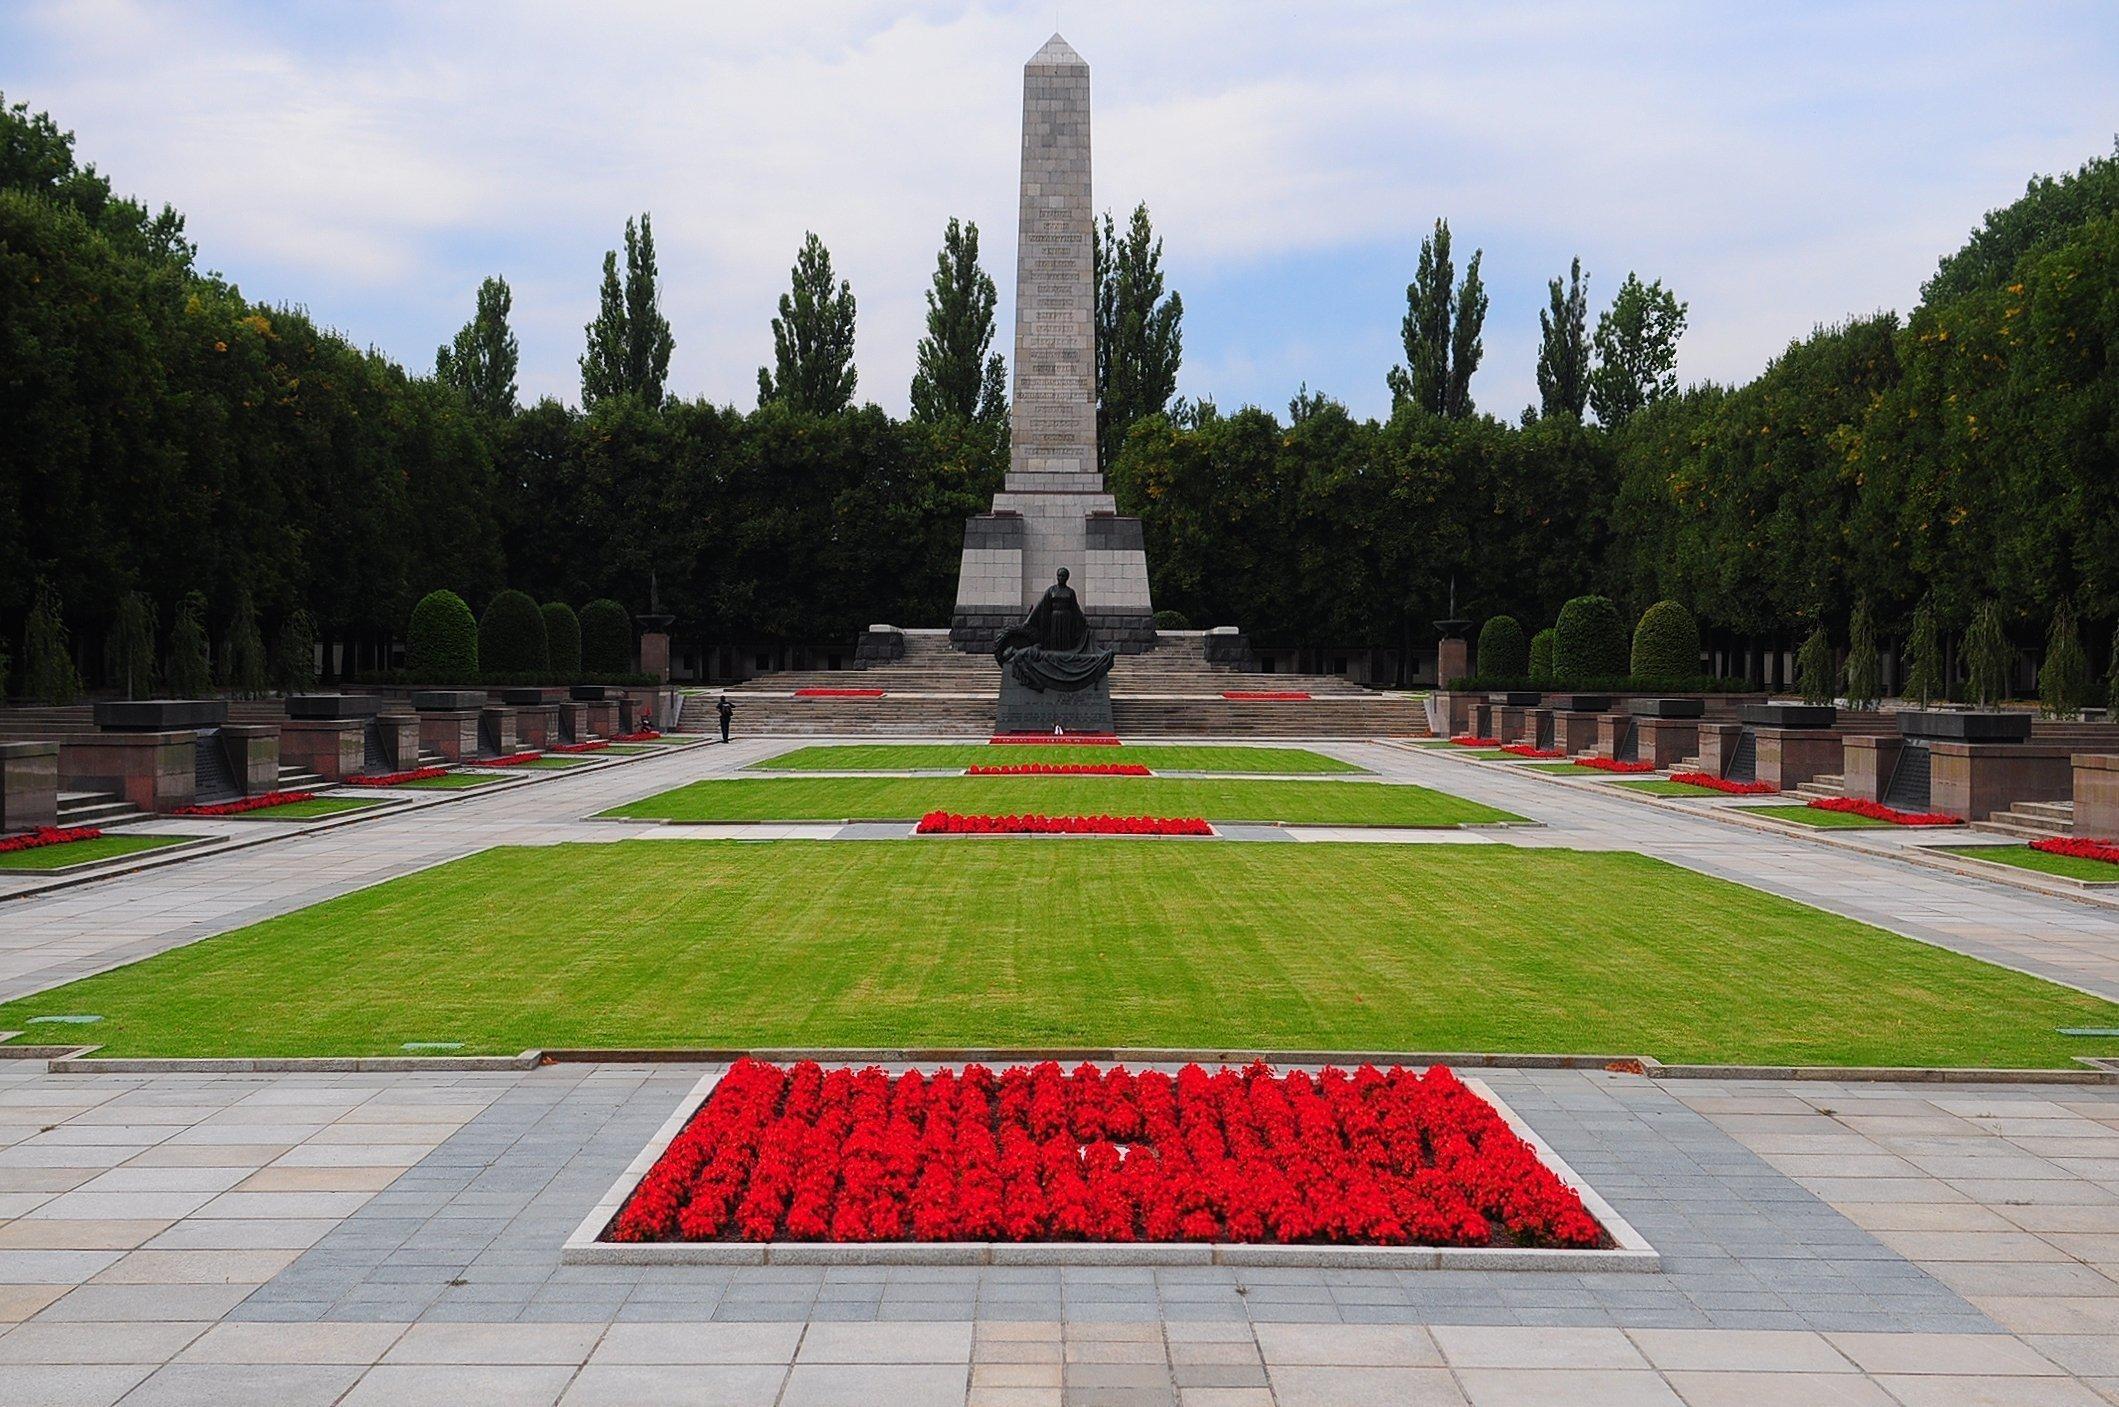 sowjetisches ehrenmal schoenholzer heide soviet war memorial schoenholzer heide berlin germany obelisk statue